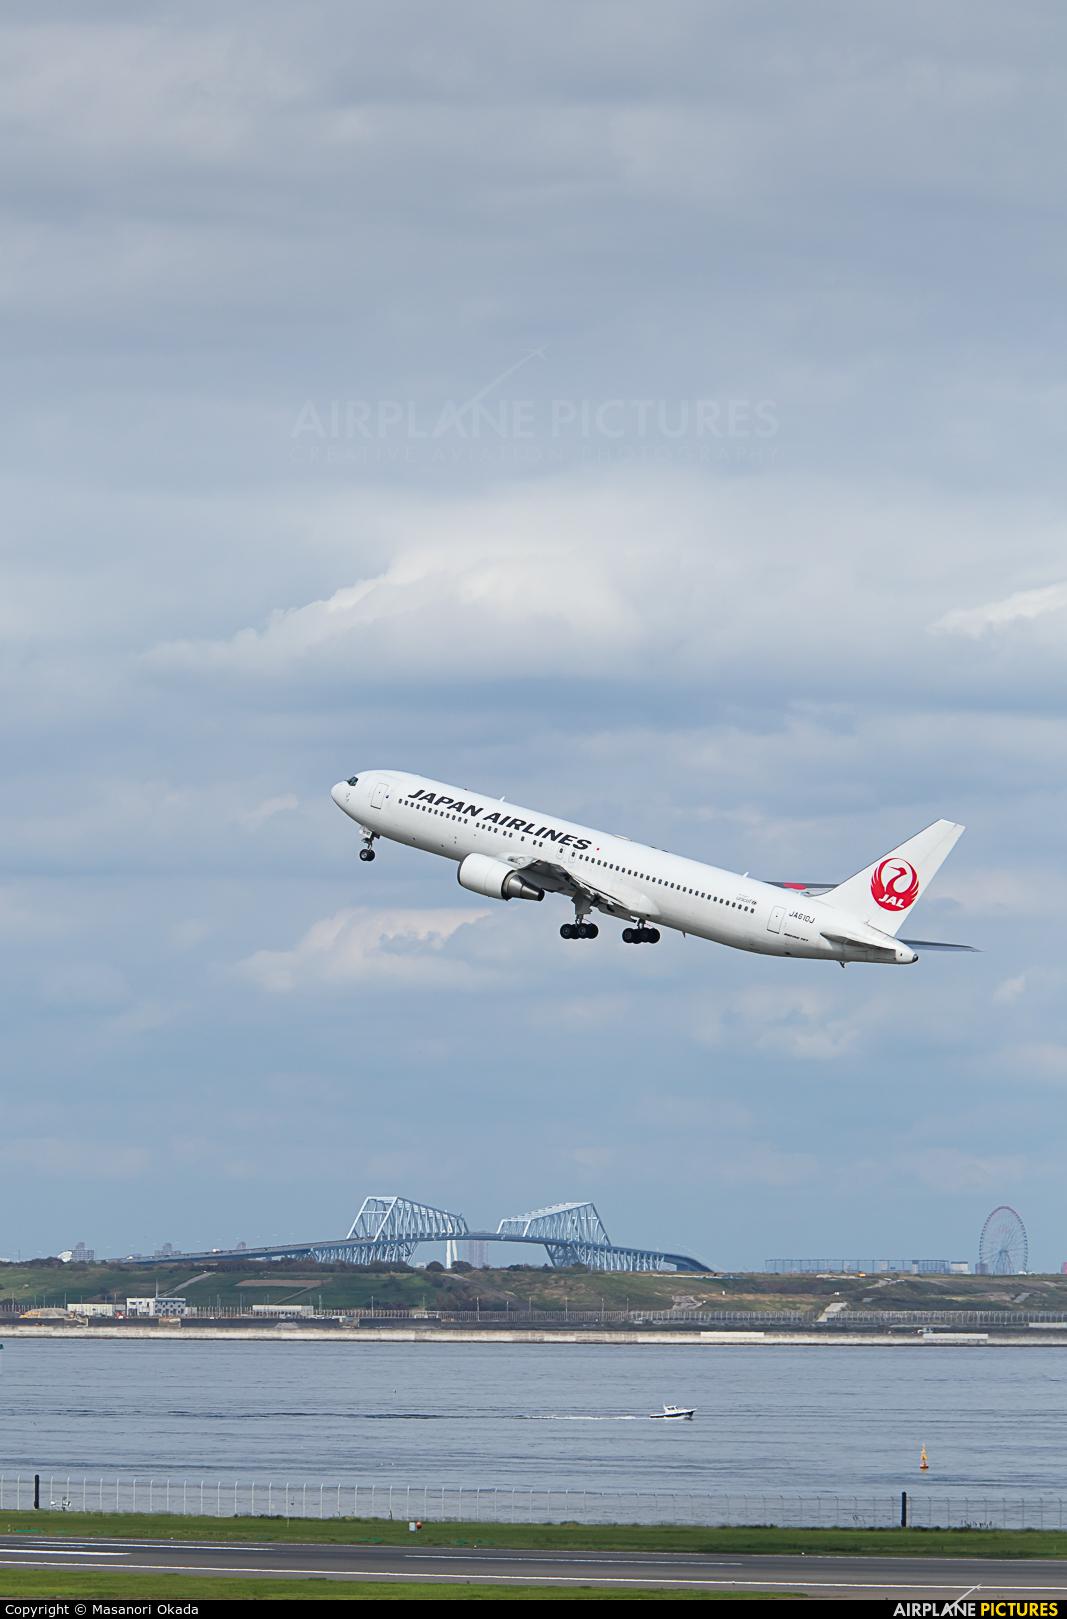 JAL - Japan Airlines JA610J aircraft at Tokyo - Haneda Intl